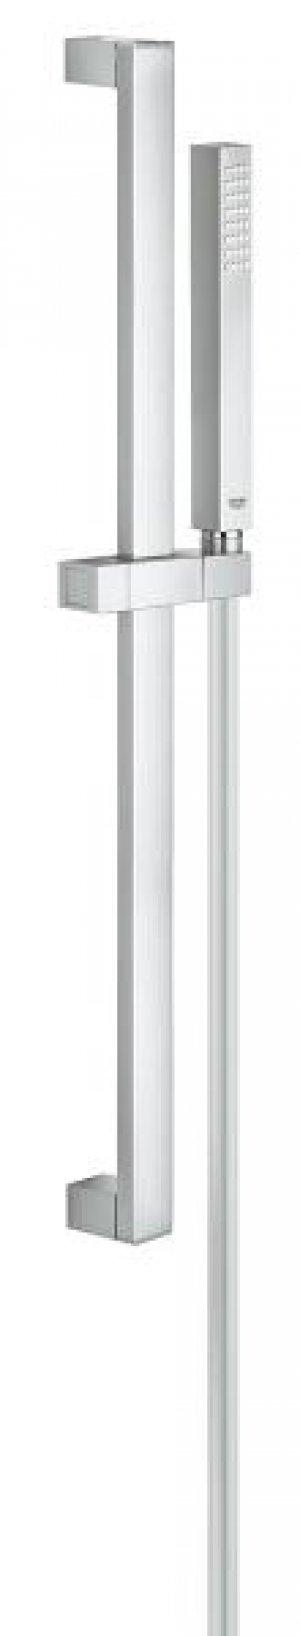 Euphoria Cube - sprchová souprava, tyč 600 mm